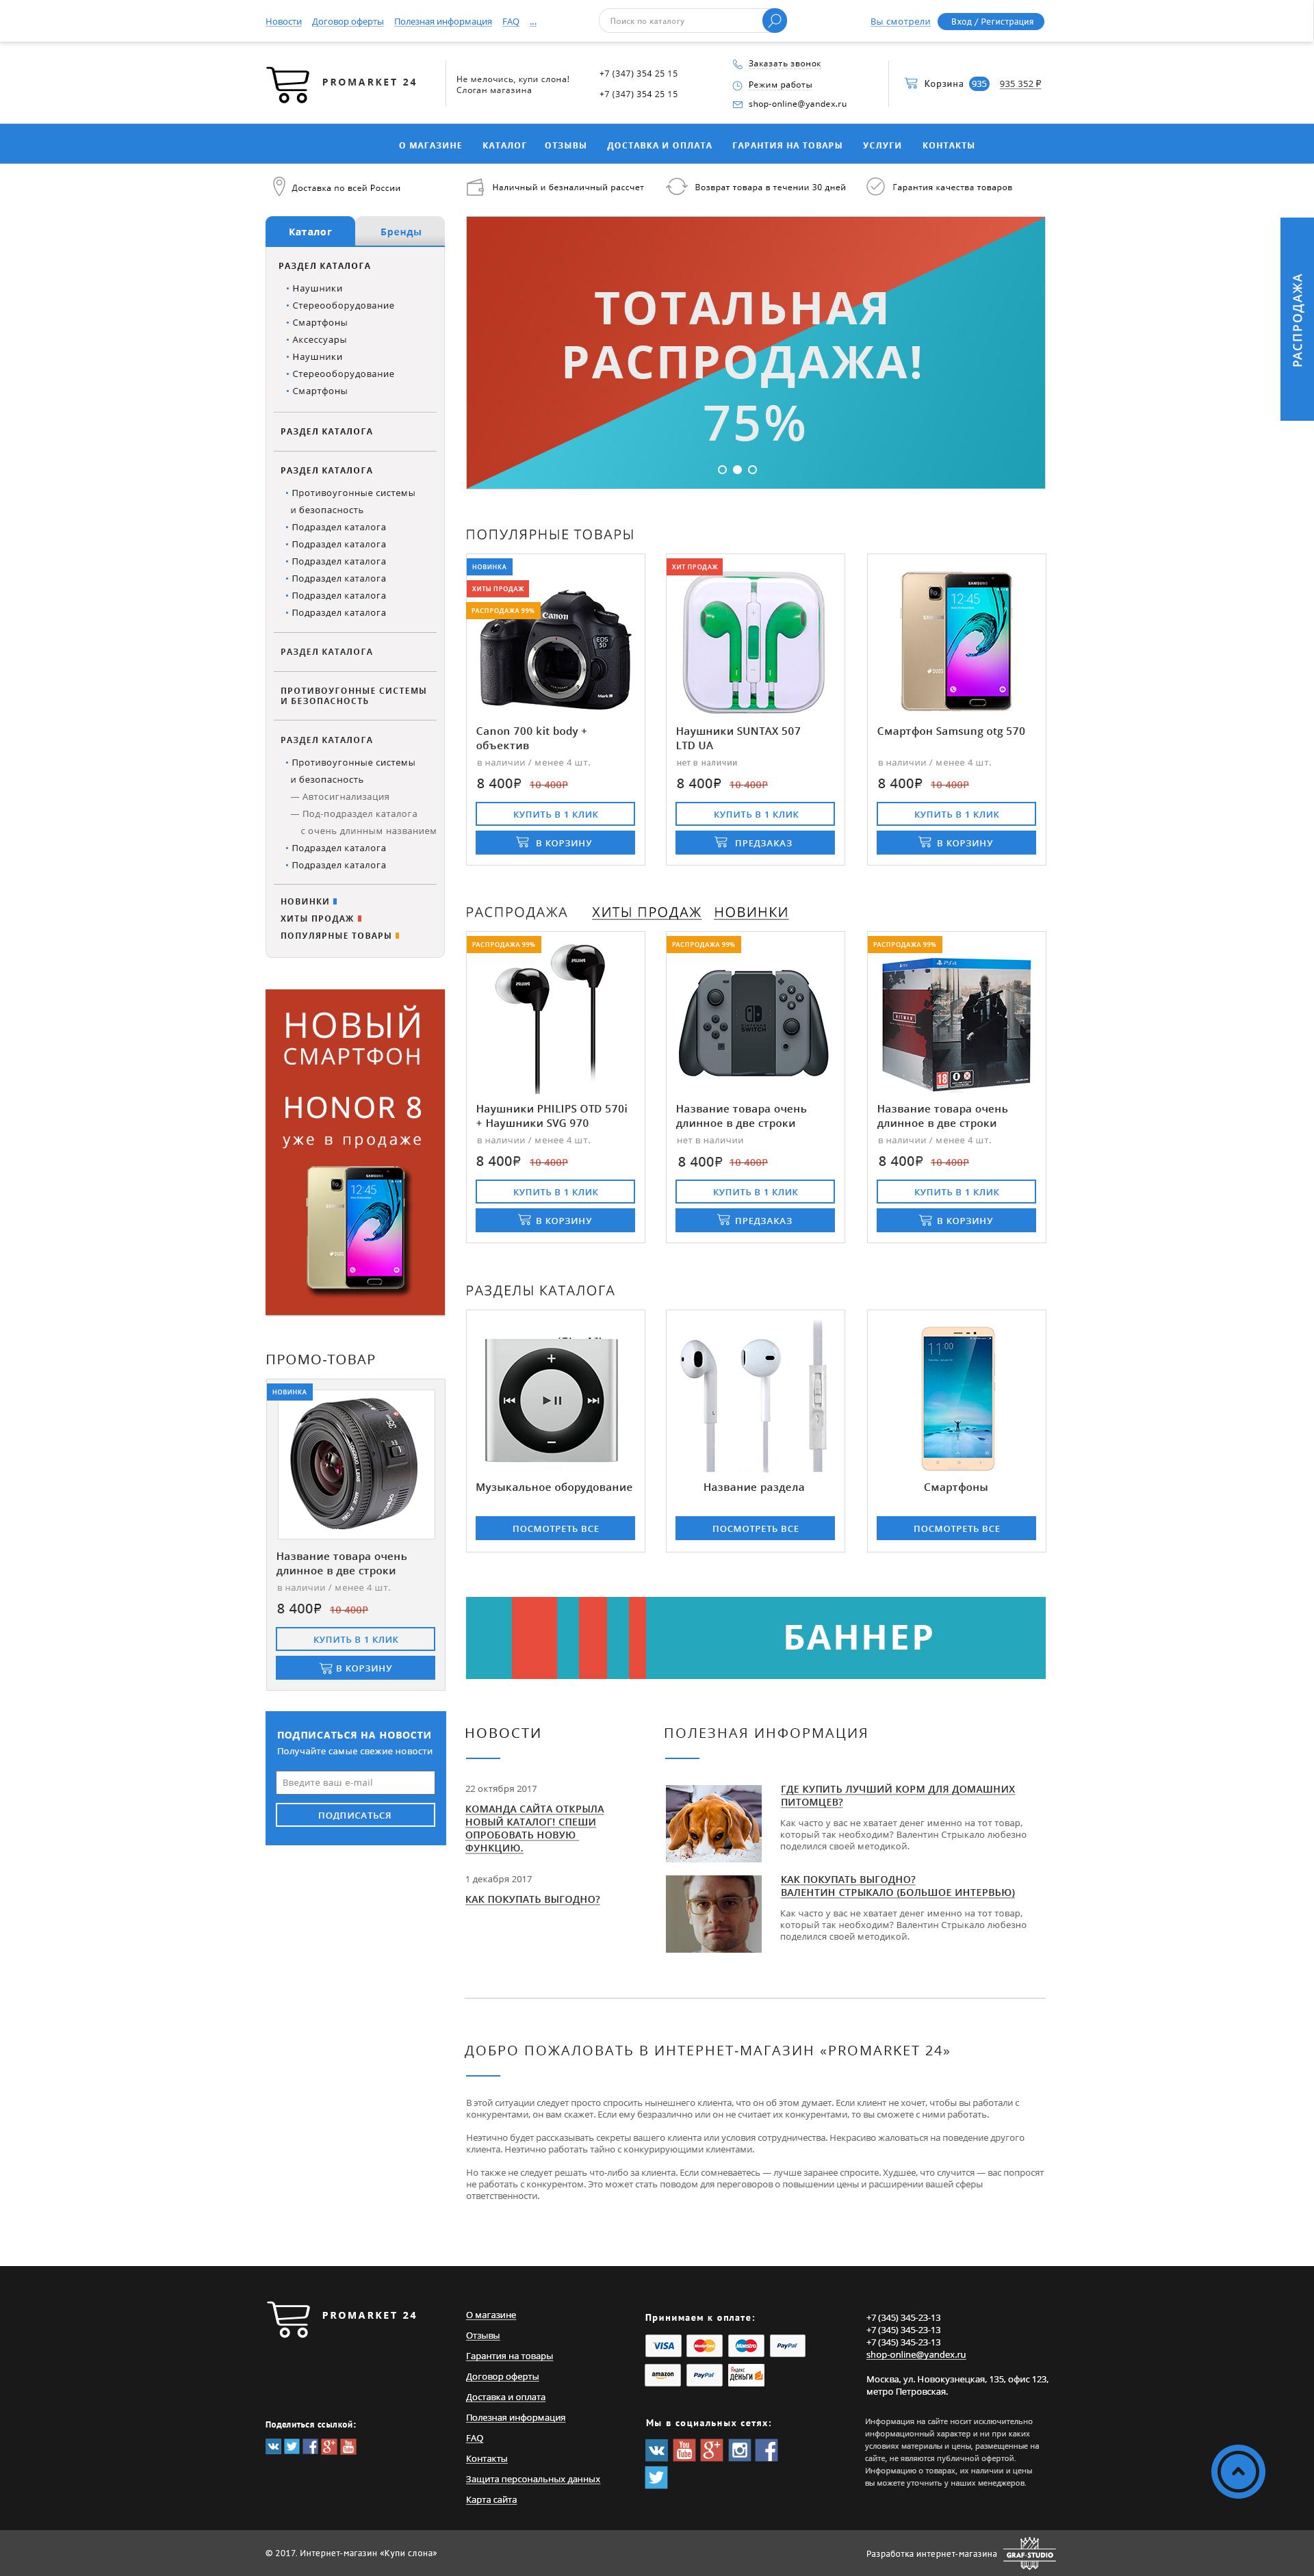 c5cb6118ca3 Готовое решение  Готовый адаптивный интернет-магазин «ProMarket 24»